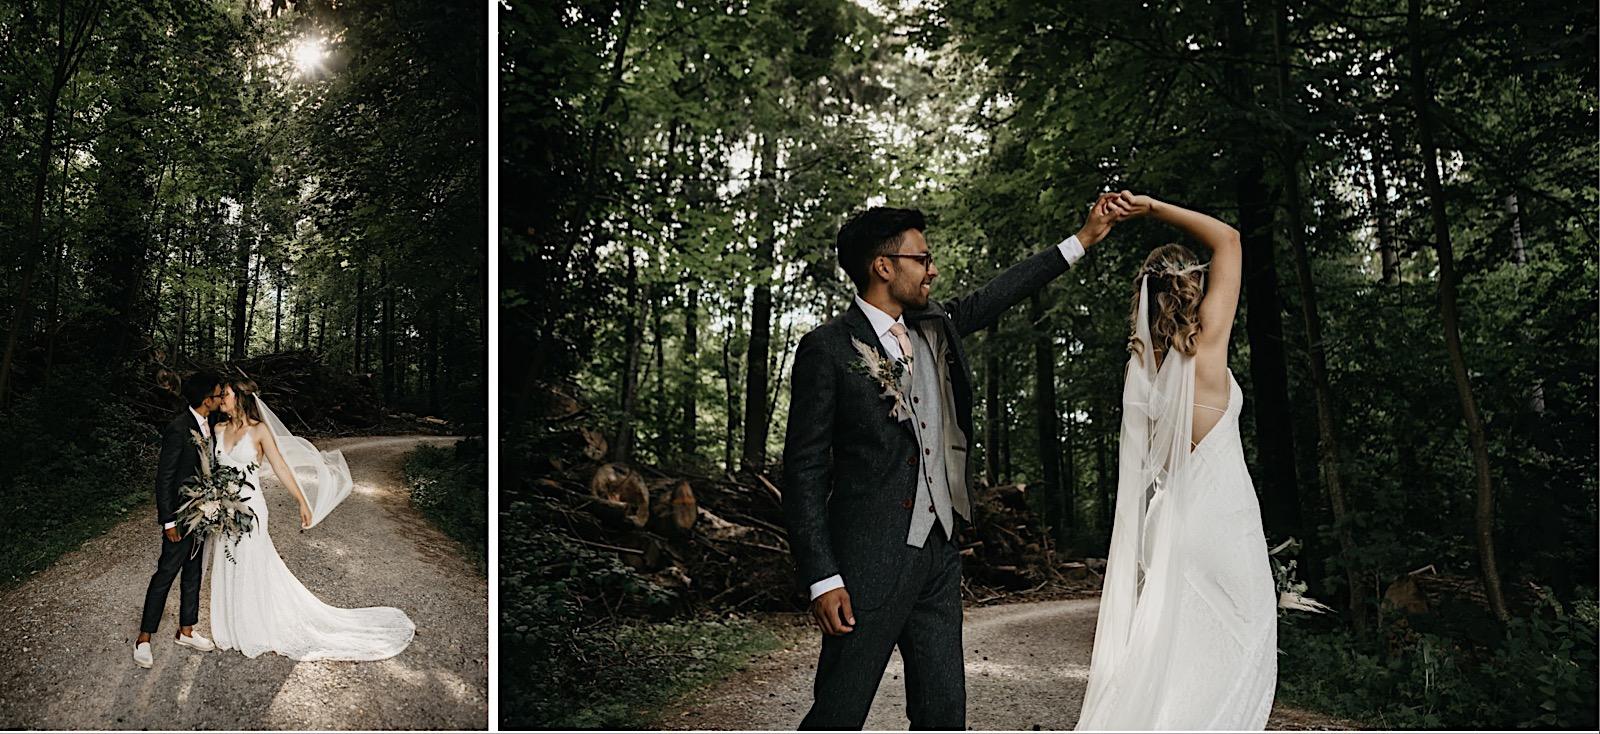 04_bohowedding_afterweddingshoot_elopement_switzerland (15 von 55)_bohowedding_afterweddingshoot_elopement_switzerland (12 von 55).jpg